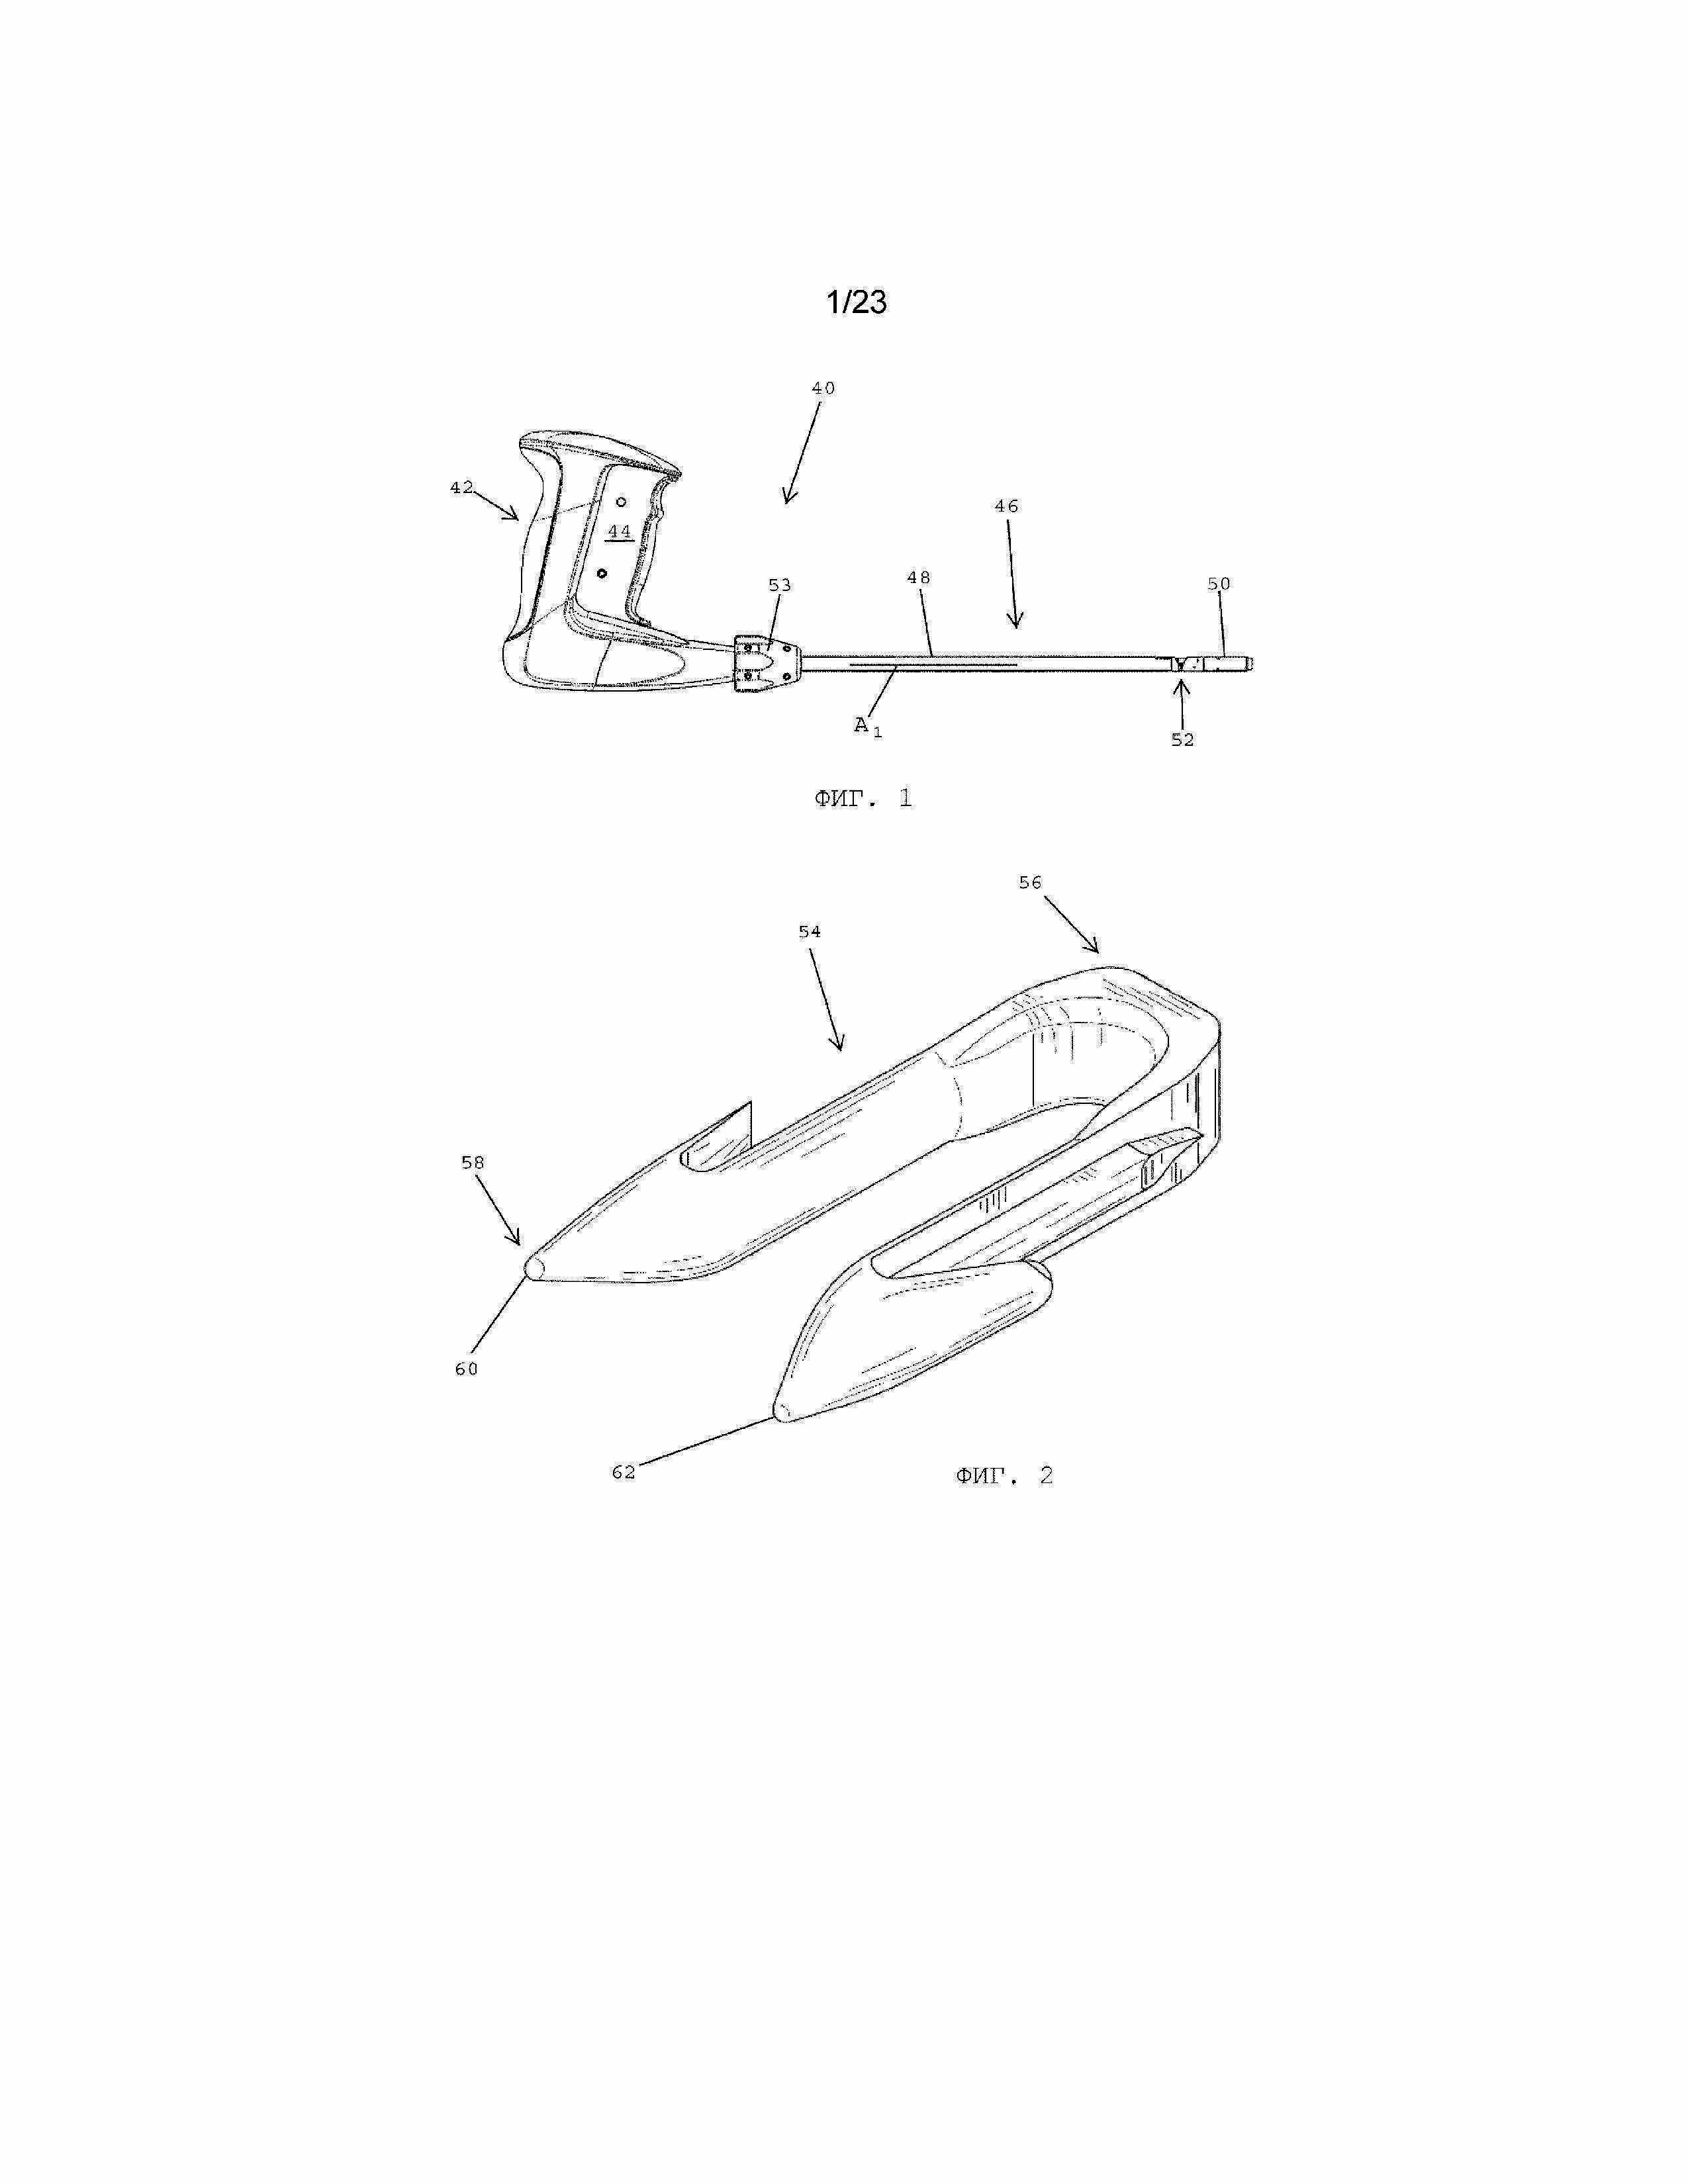 Аппликаторы для выдачи хирургических креплений, содержащие шарнирные стволы и элементы управления шарнирным поворотом